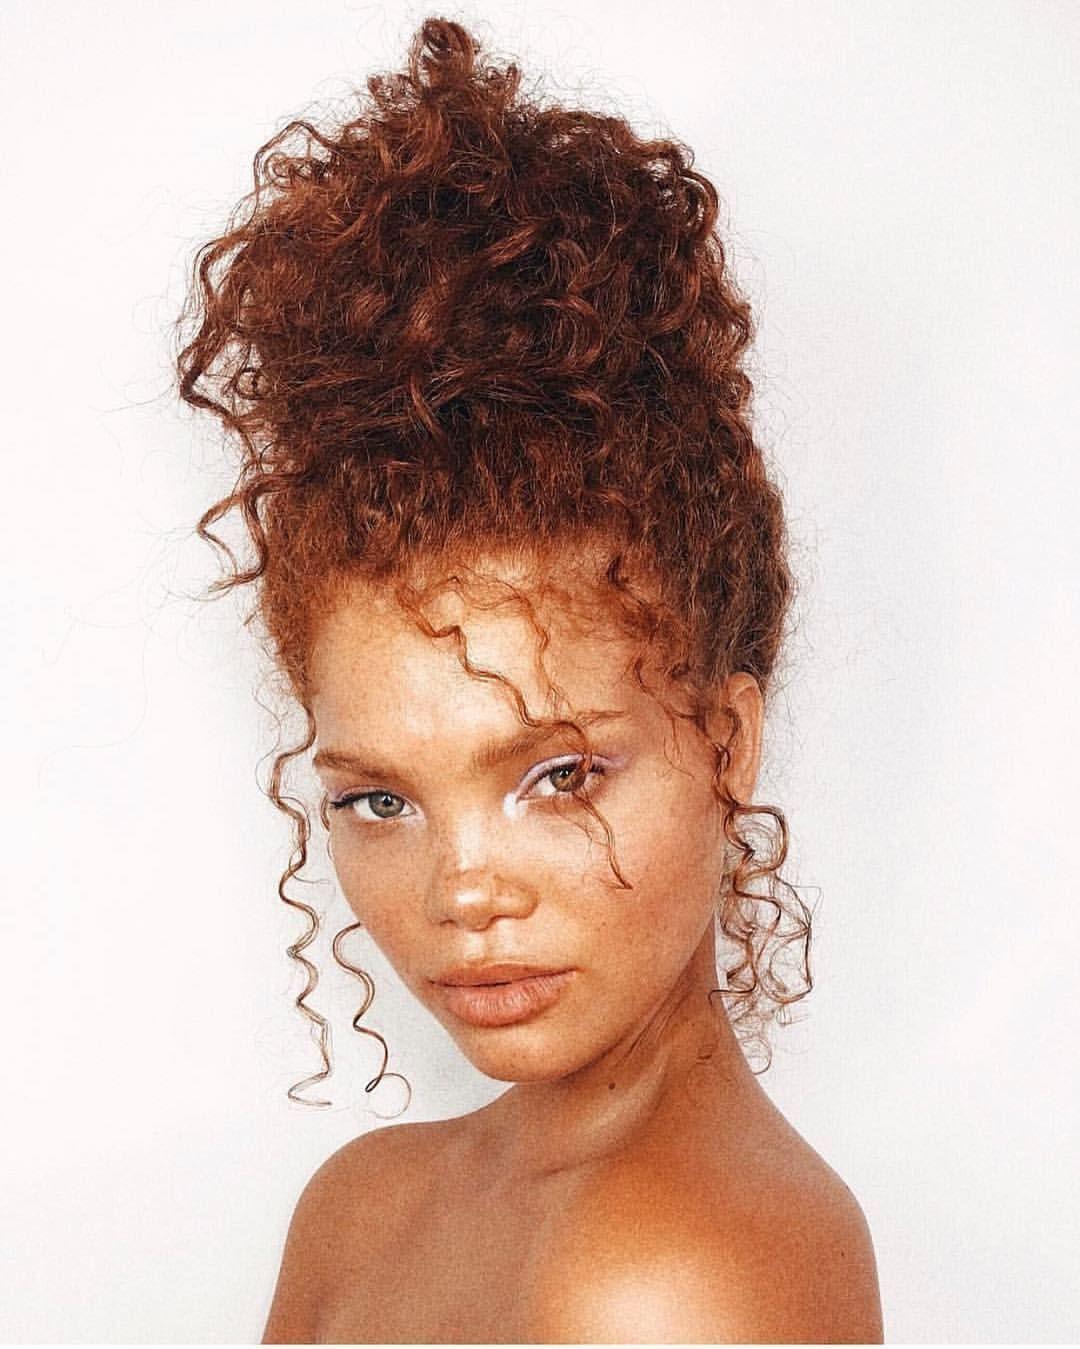 20 Penteados Realmente Encaracolados Mais Cativantes 3 Paes Baguncados Para Cabelos Cacheados Youtube In 2020 Messy Bun Curly Hair Red Curly Hair Curly Hair Updo